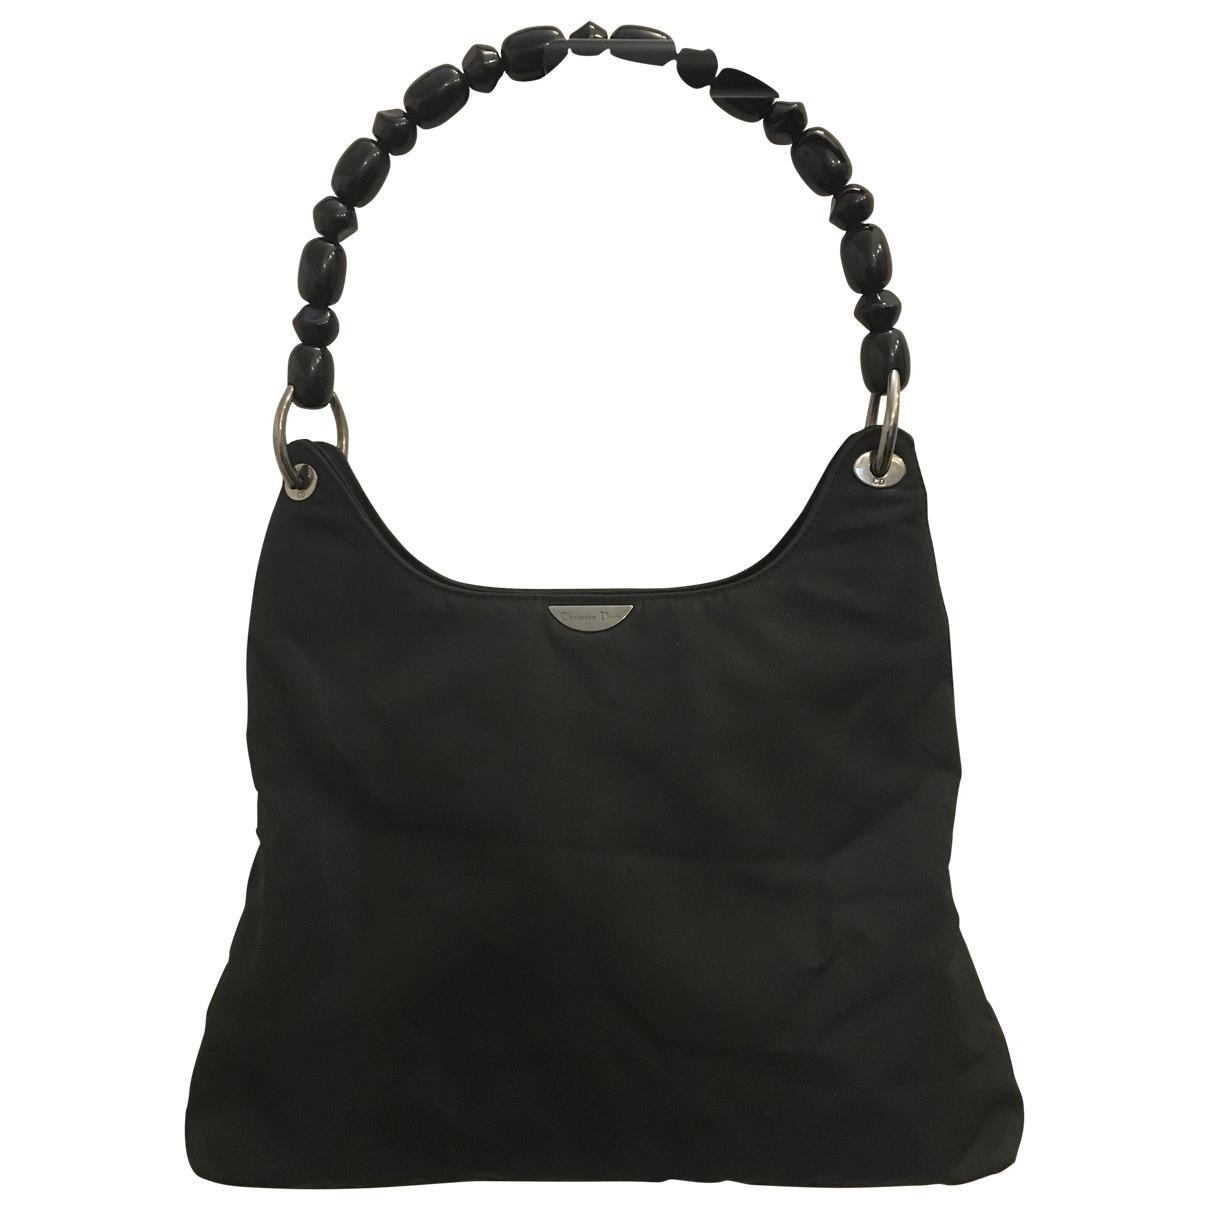 Dior \N Handtasche in  Schwarz Polyester